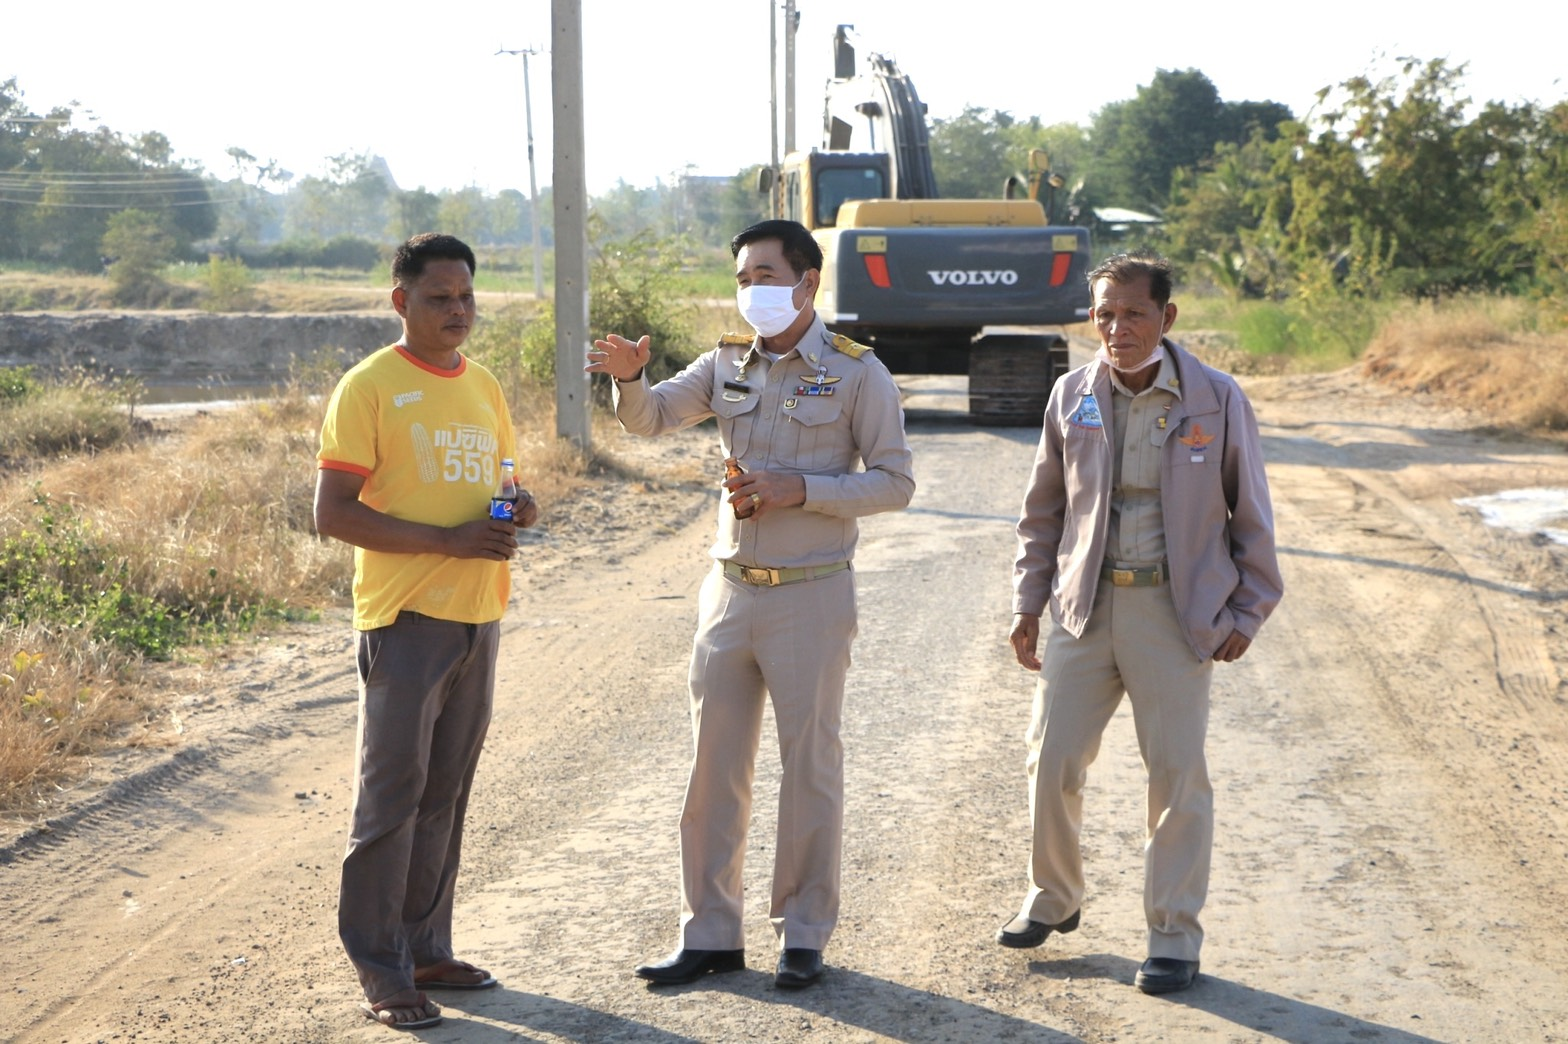 นายกเทศมนตรี และคณะตรวจงานถางป่า/ชี้แจงประชาชนในการดำเนินการโครงการก่อสร้างถนนลาดยาง